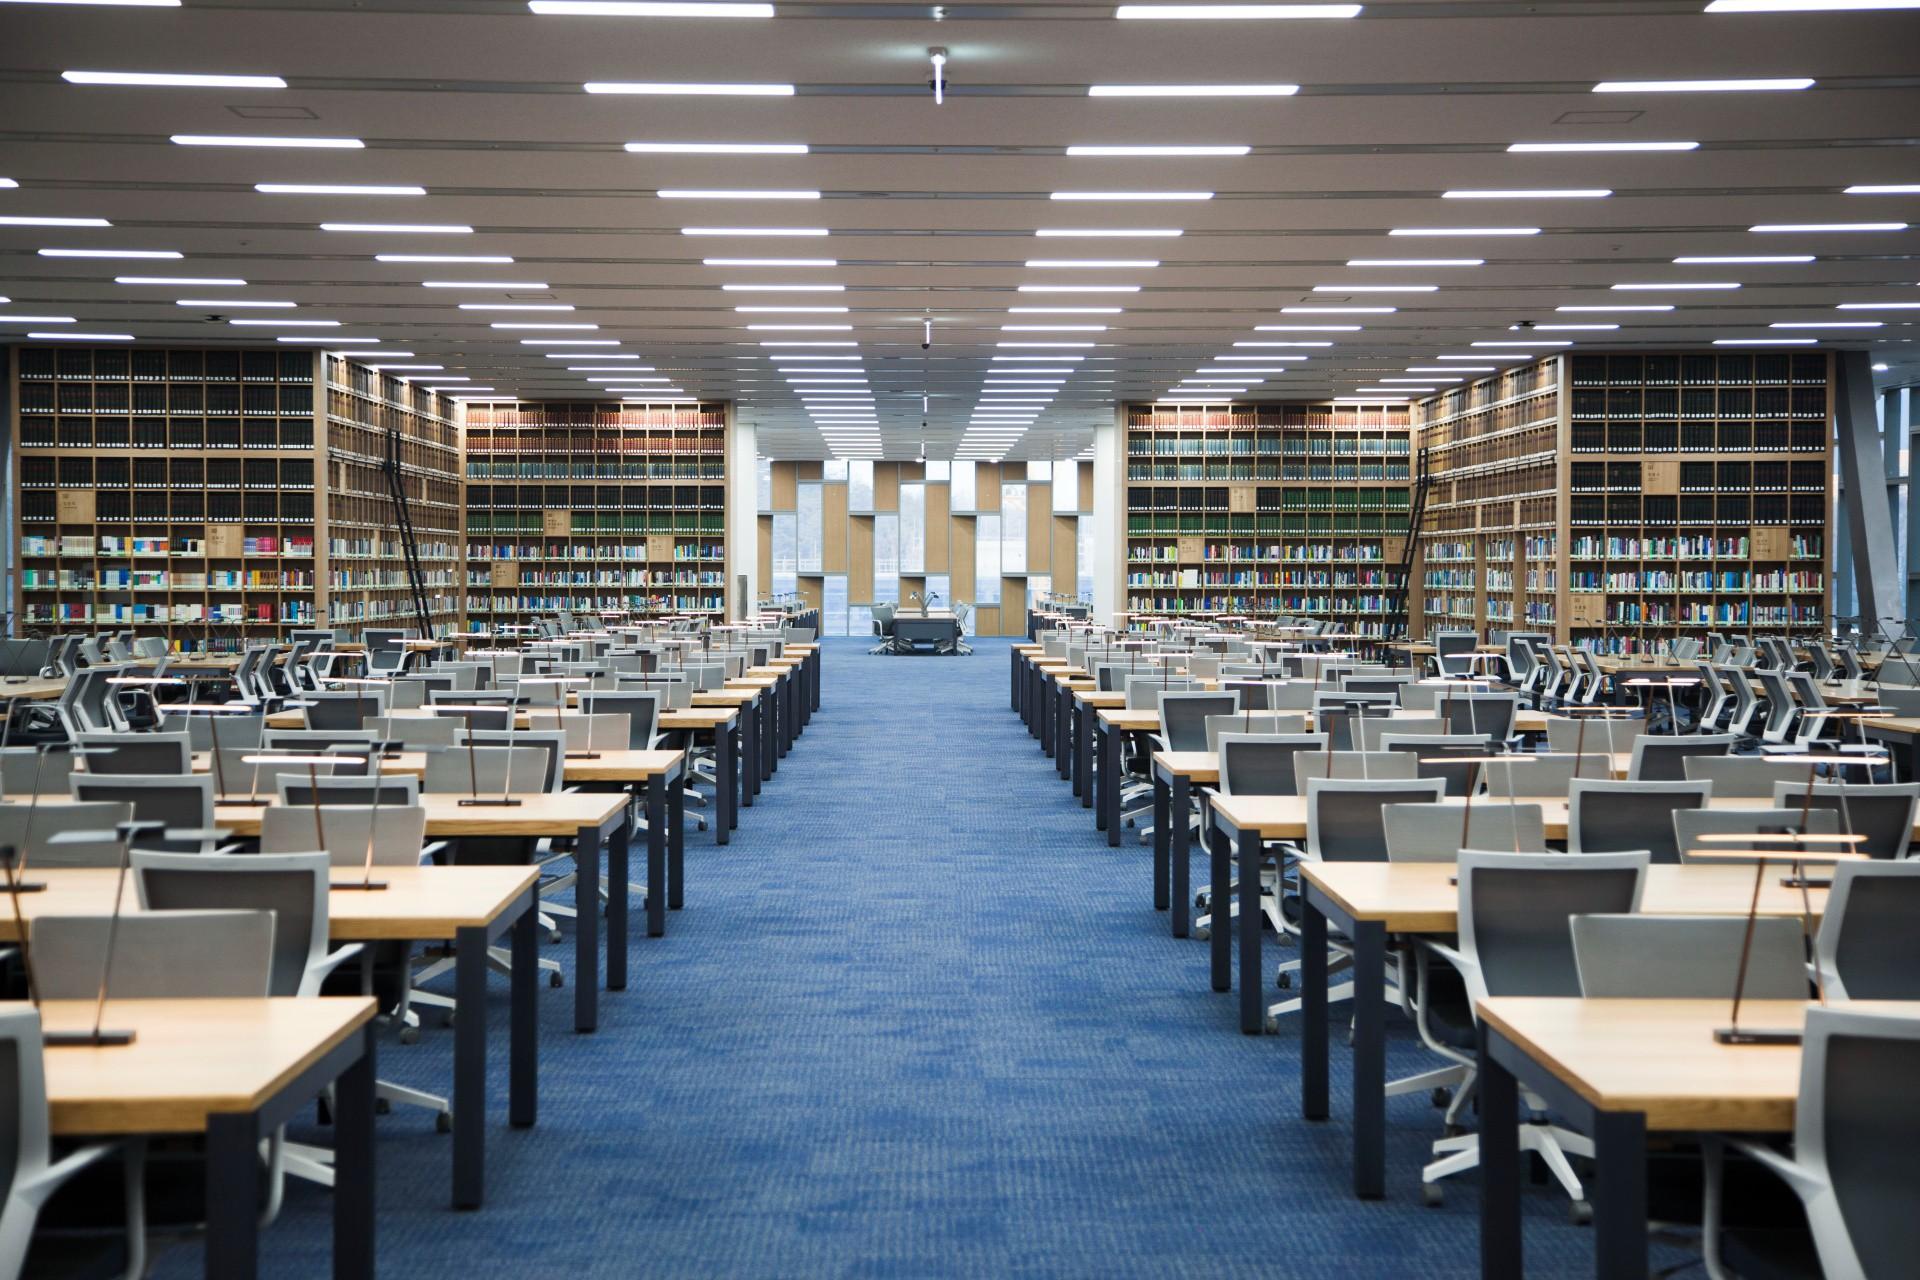 seoul-reading-room-15396599129901368416169.jpg